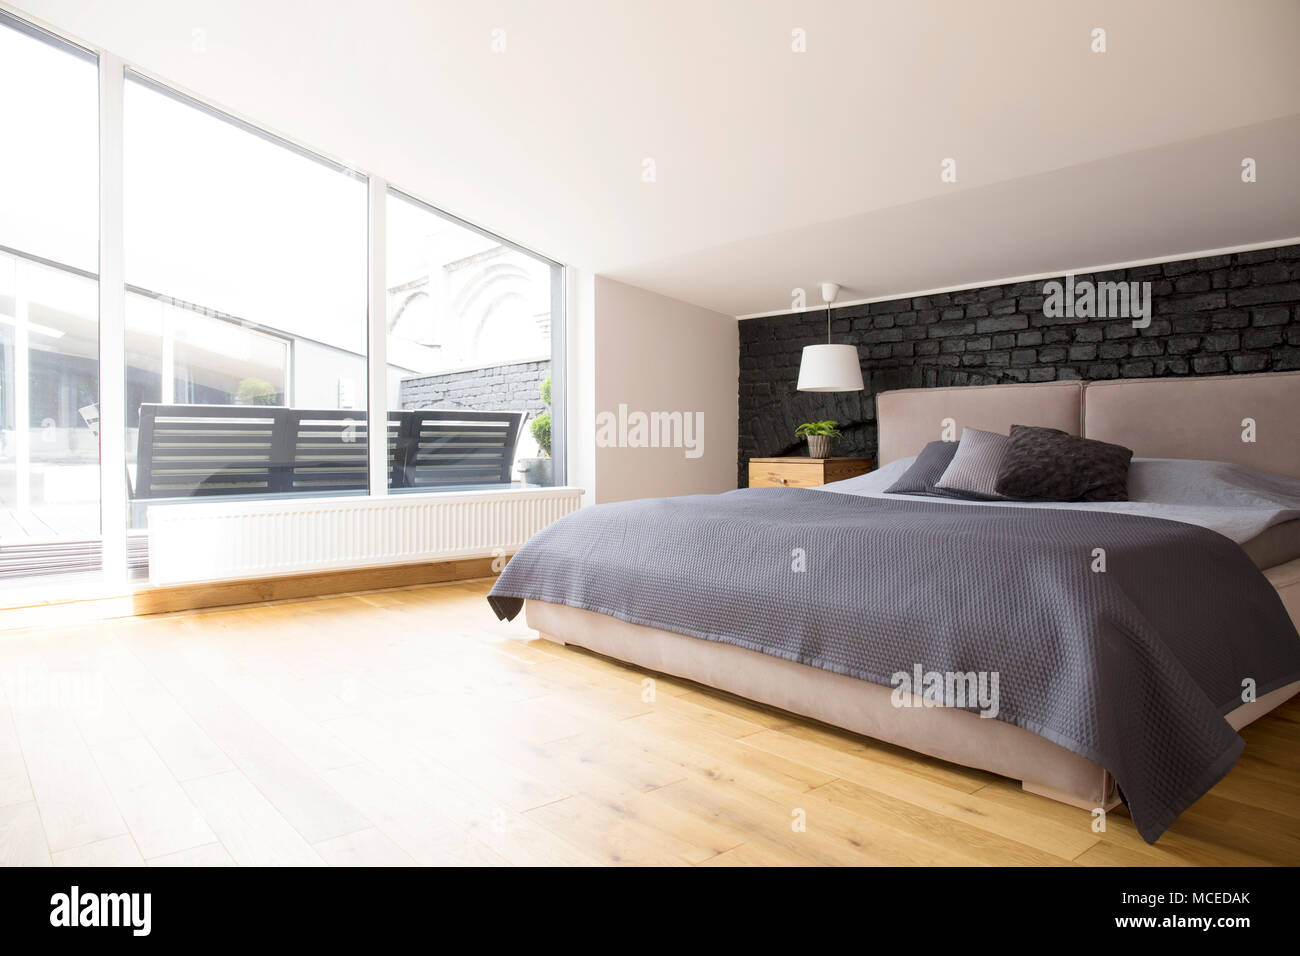 Biancheria da letto grigio sul letto in camera da letto luminoso ...